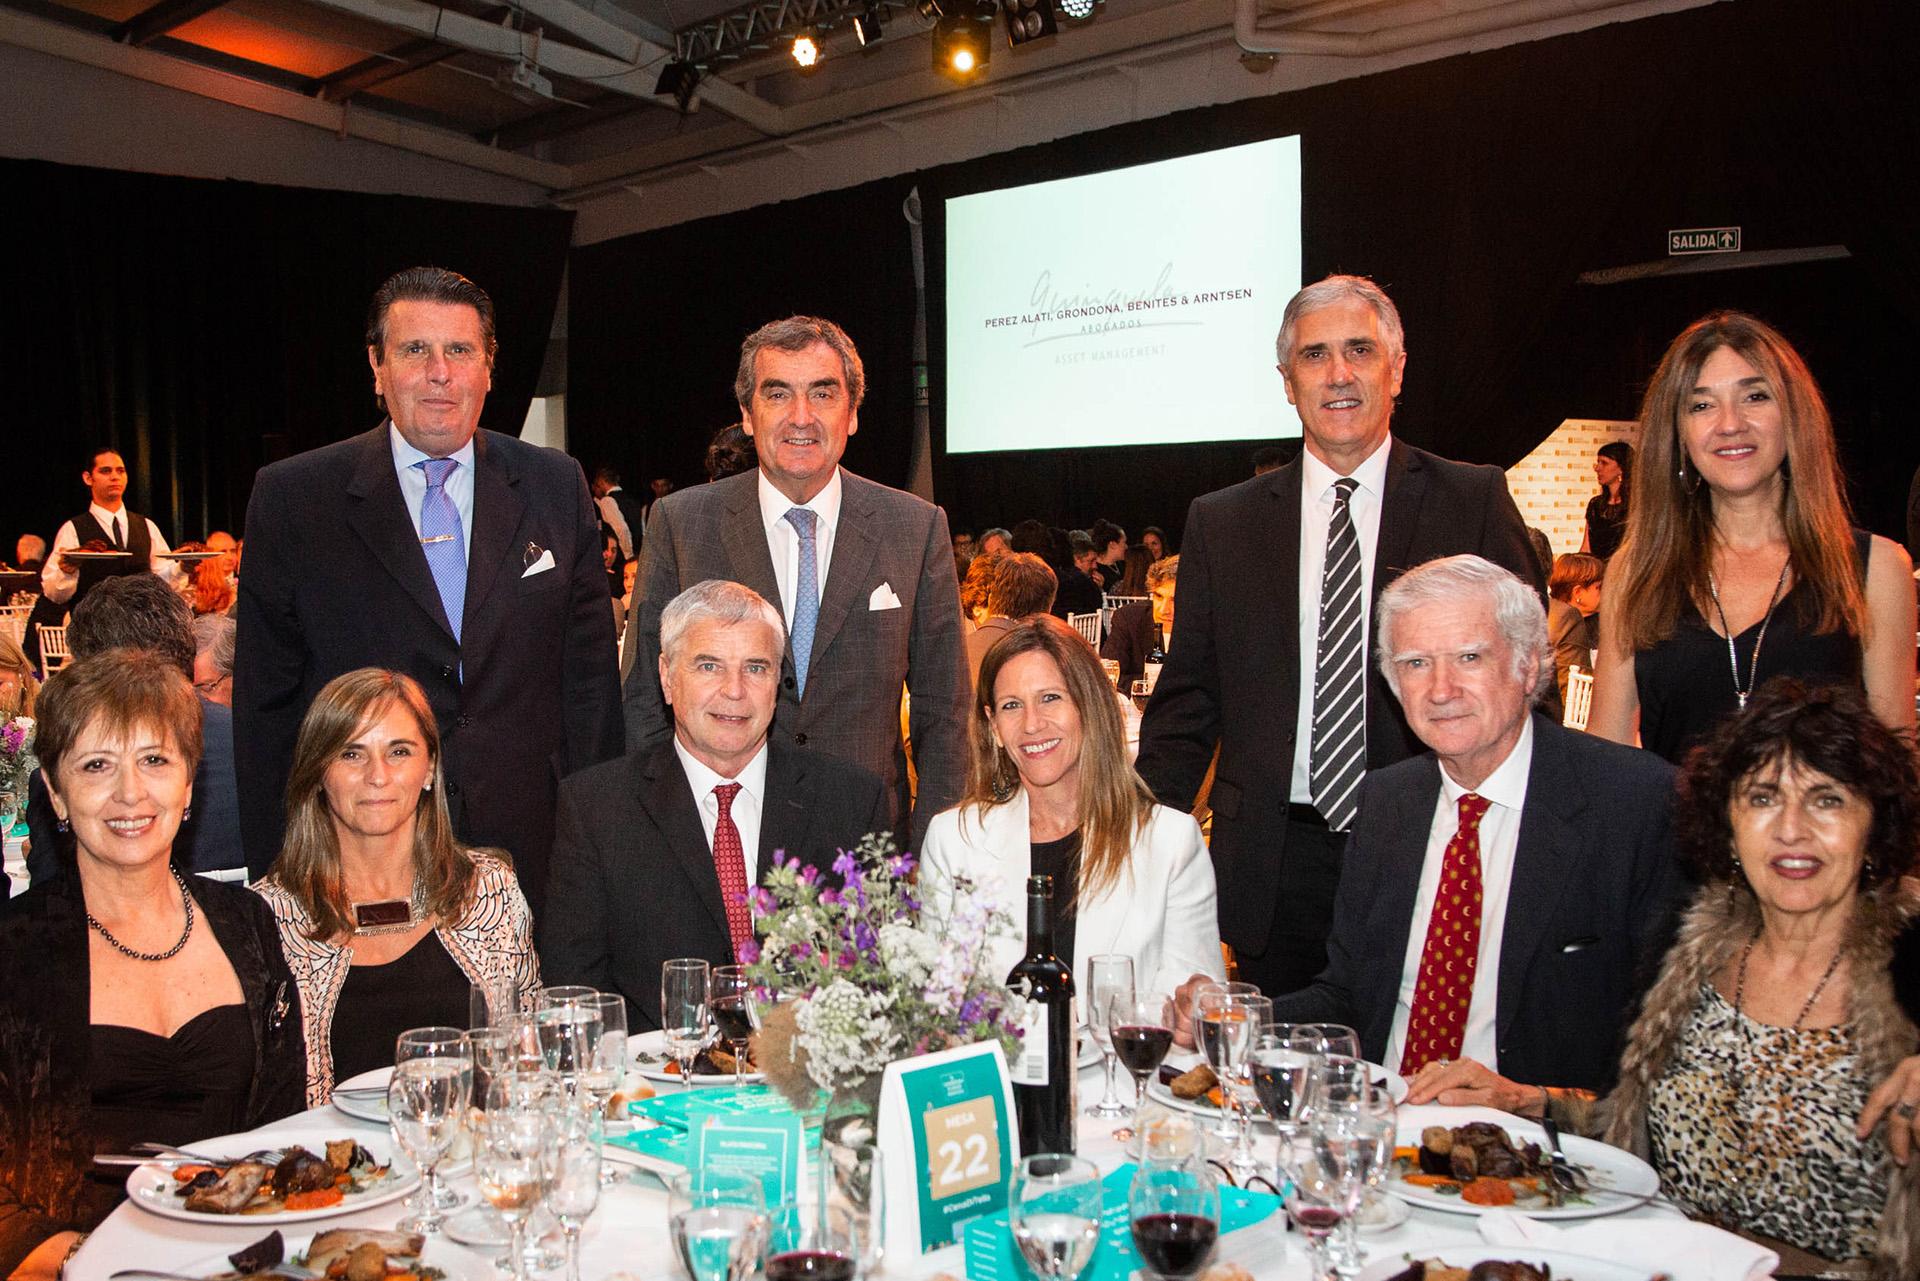 La mesa del Banco Galicia encabezada por su presidente, Eduardo Escasany, y los directores de la entidad